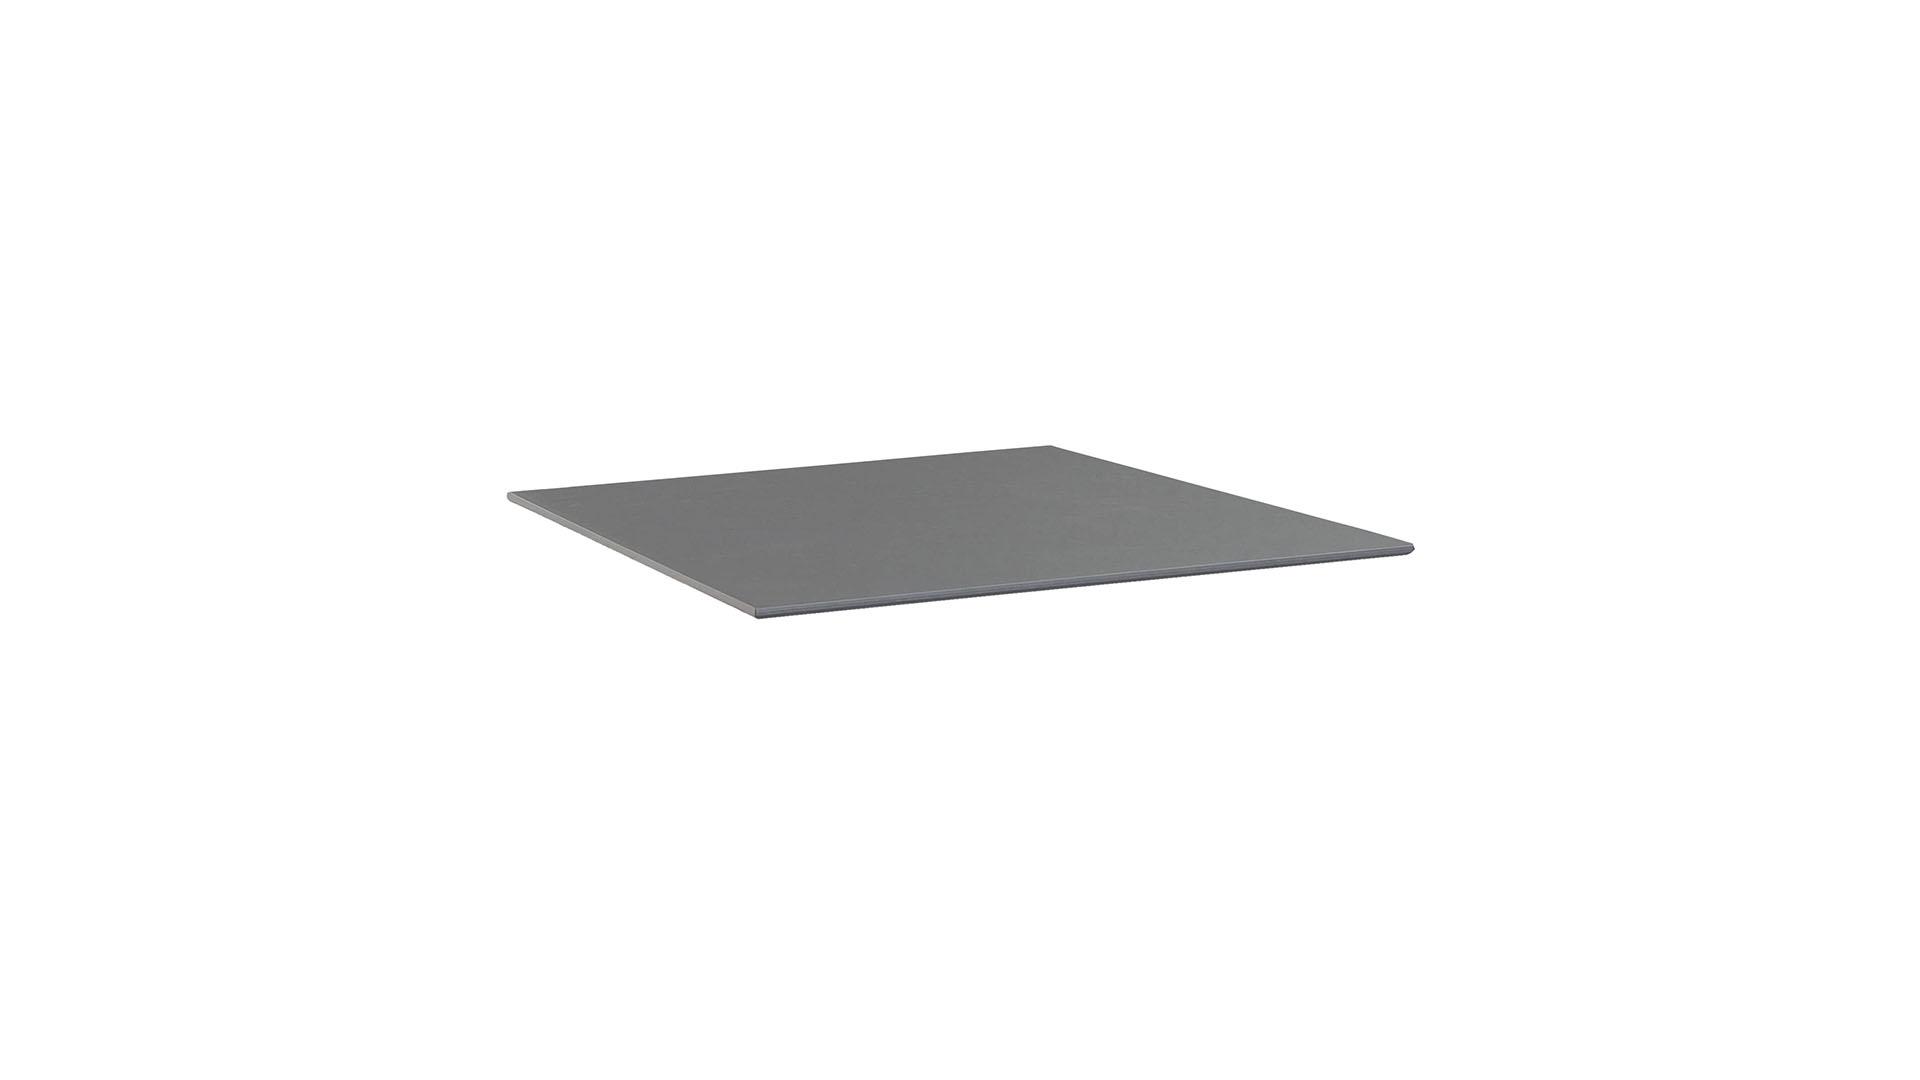 KETTALUX-PLUS Tischplatte 95 x 95 cm